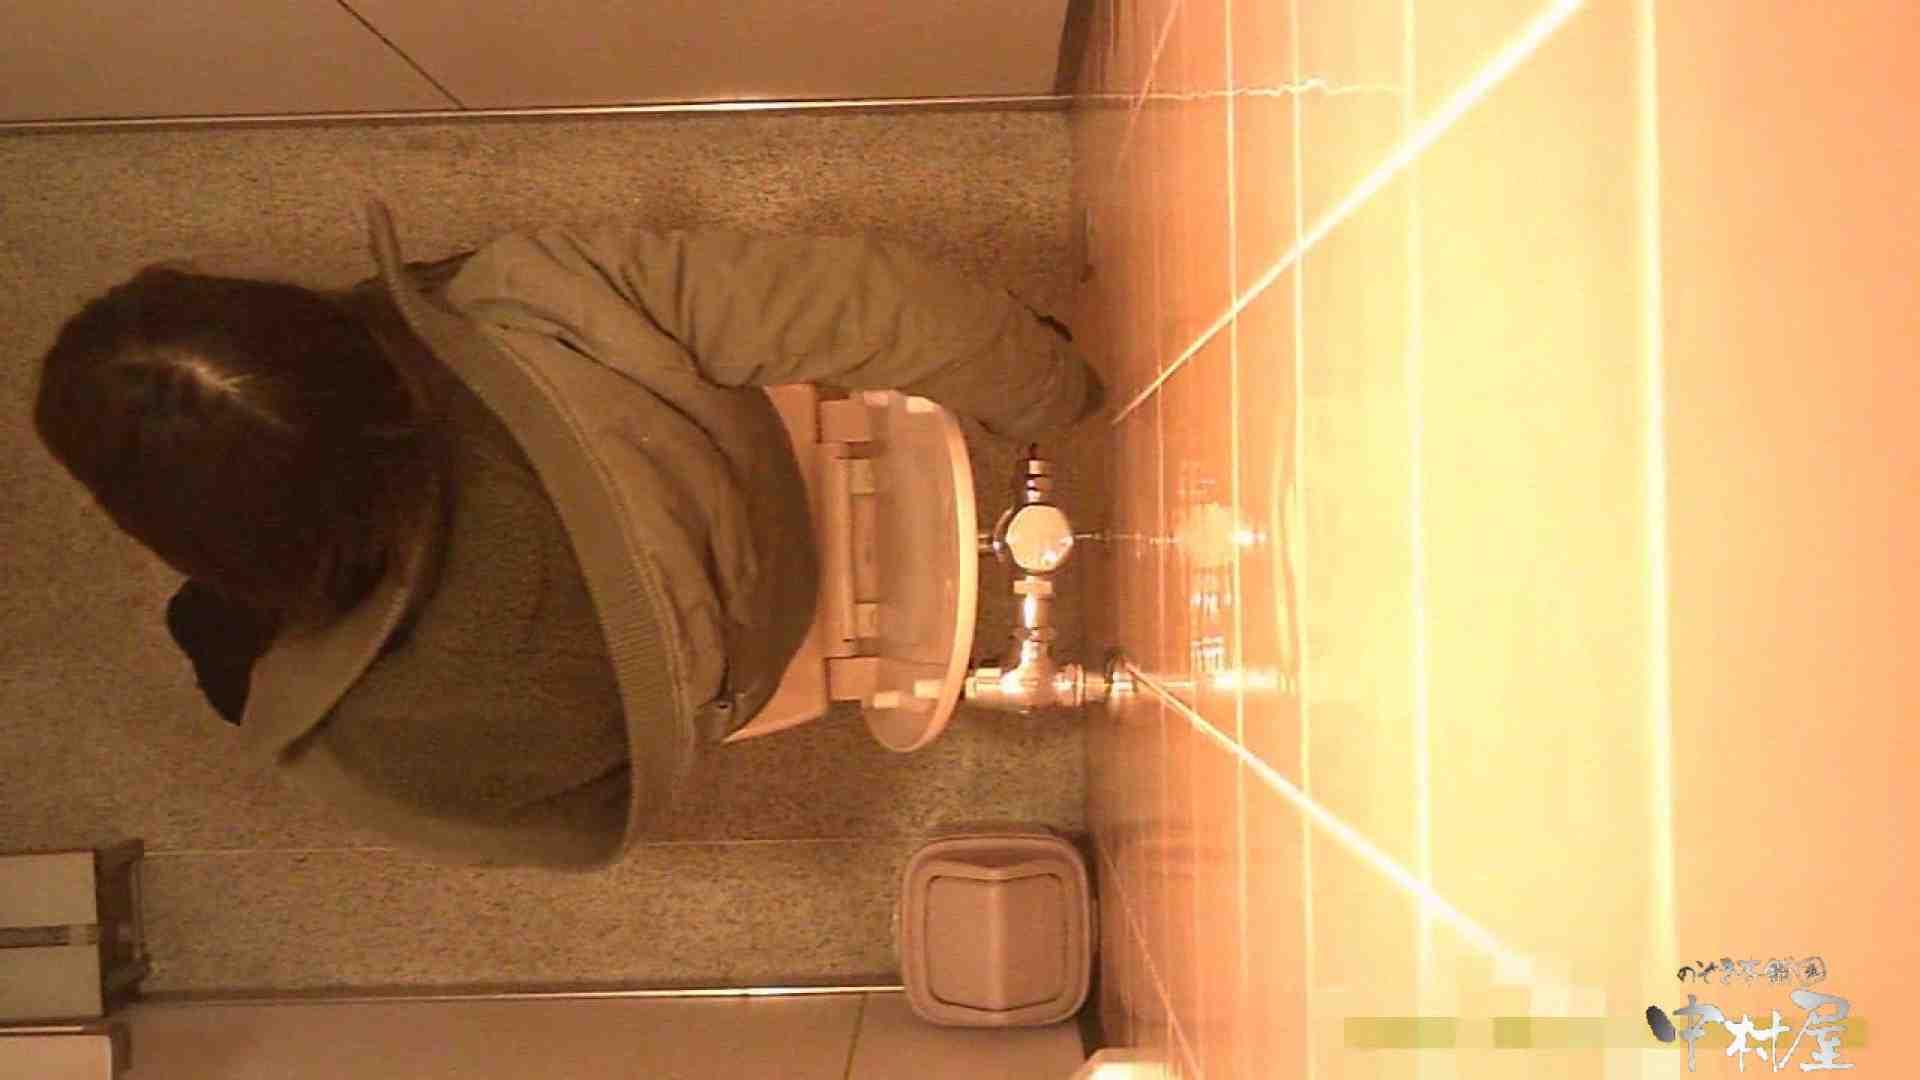 初盗撮!女盗撮師カレンさんの 潜入!女子トイレ盗撮!Vol.5 美女 | 女子トイレ  99画像 31